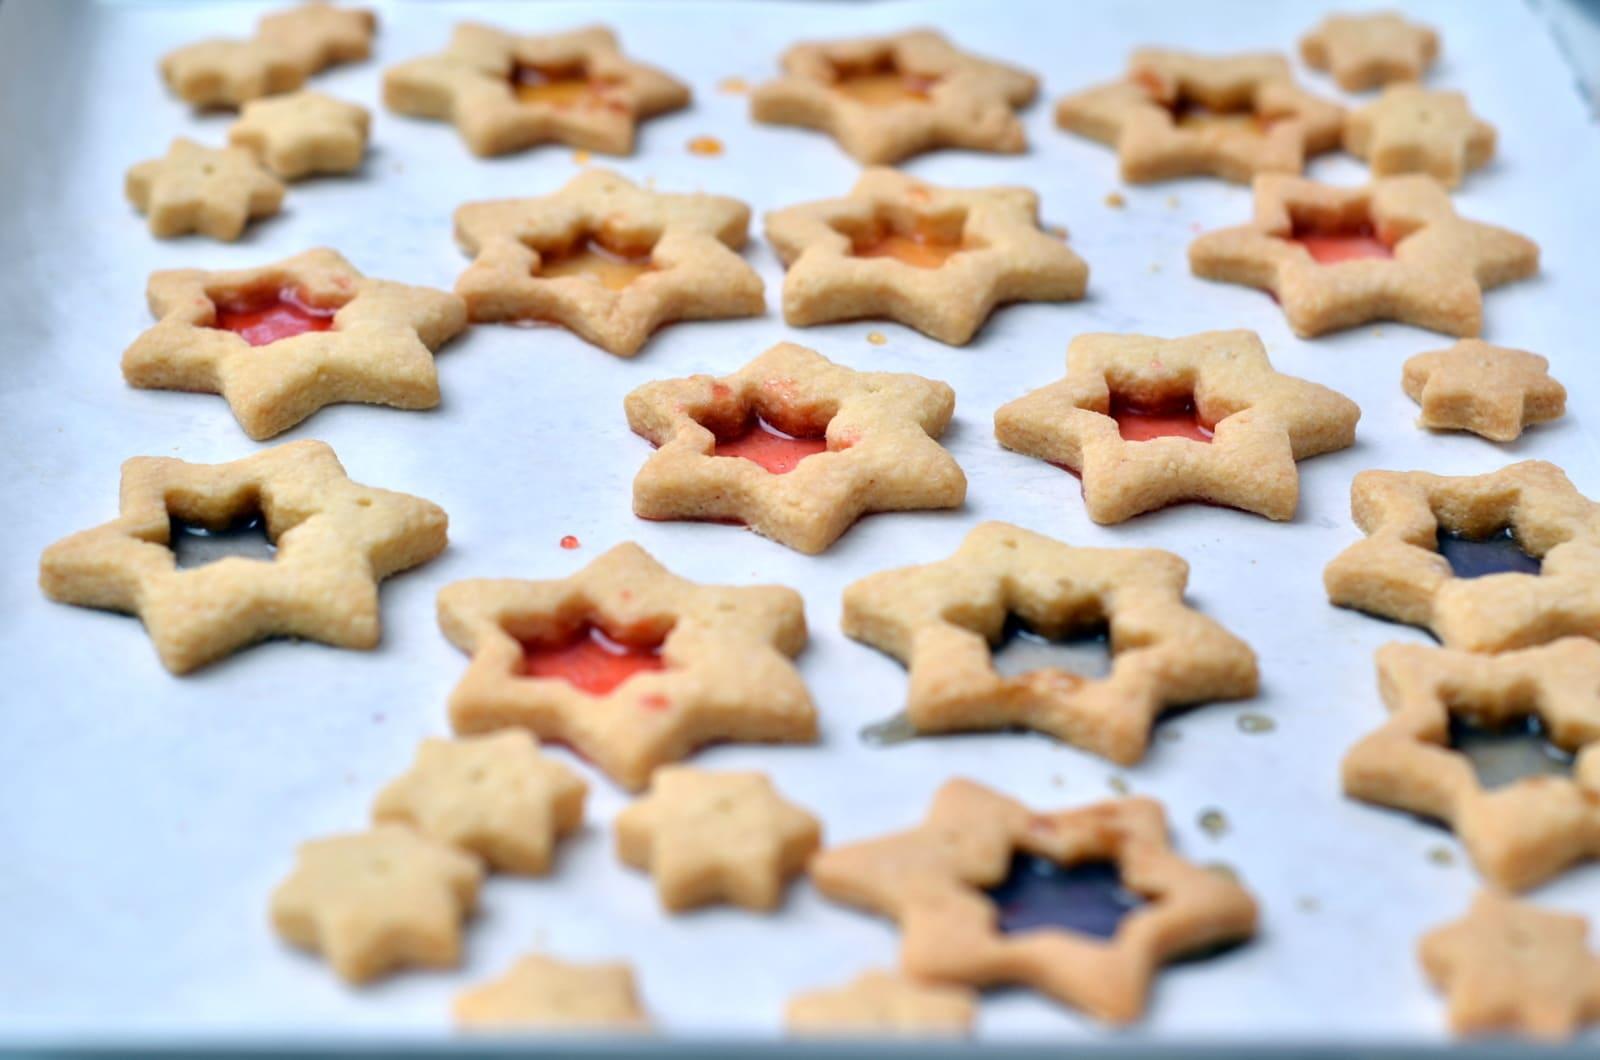 Biscotti Di Natale Umbria.Biscotti Di Natale 5 Ricette Da Fare Con I Bambini Nostrofiglio It